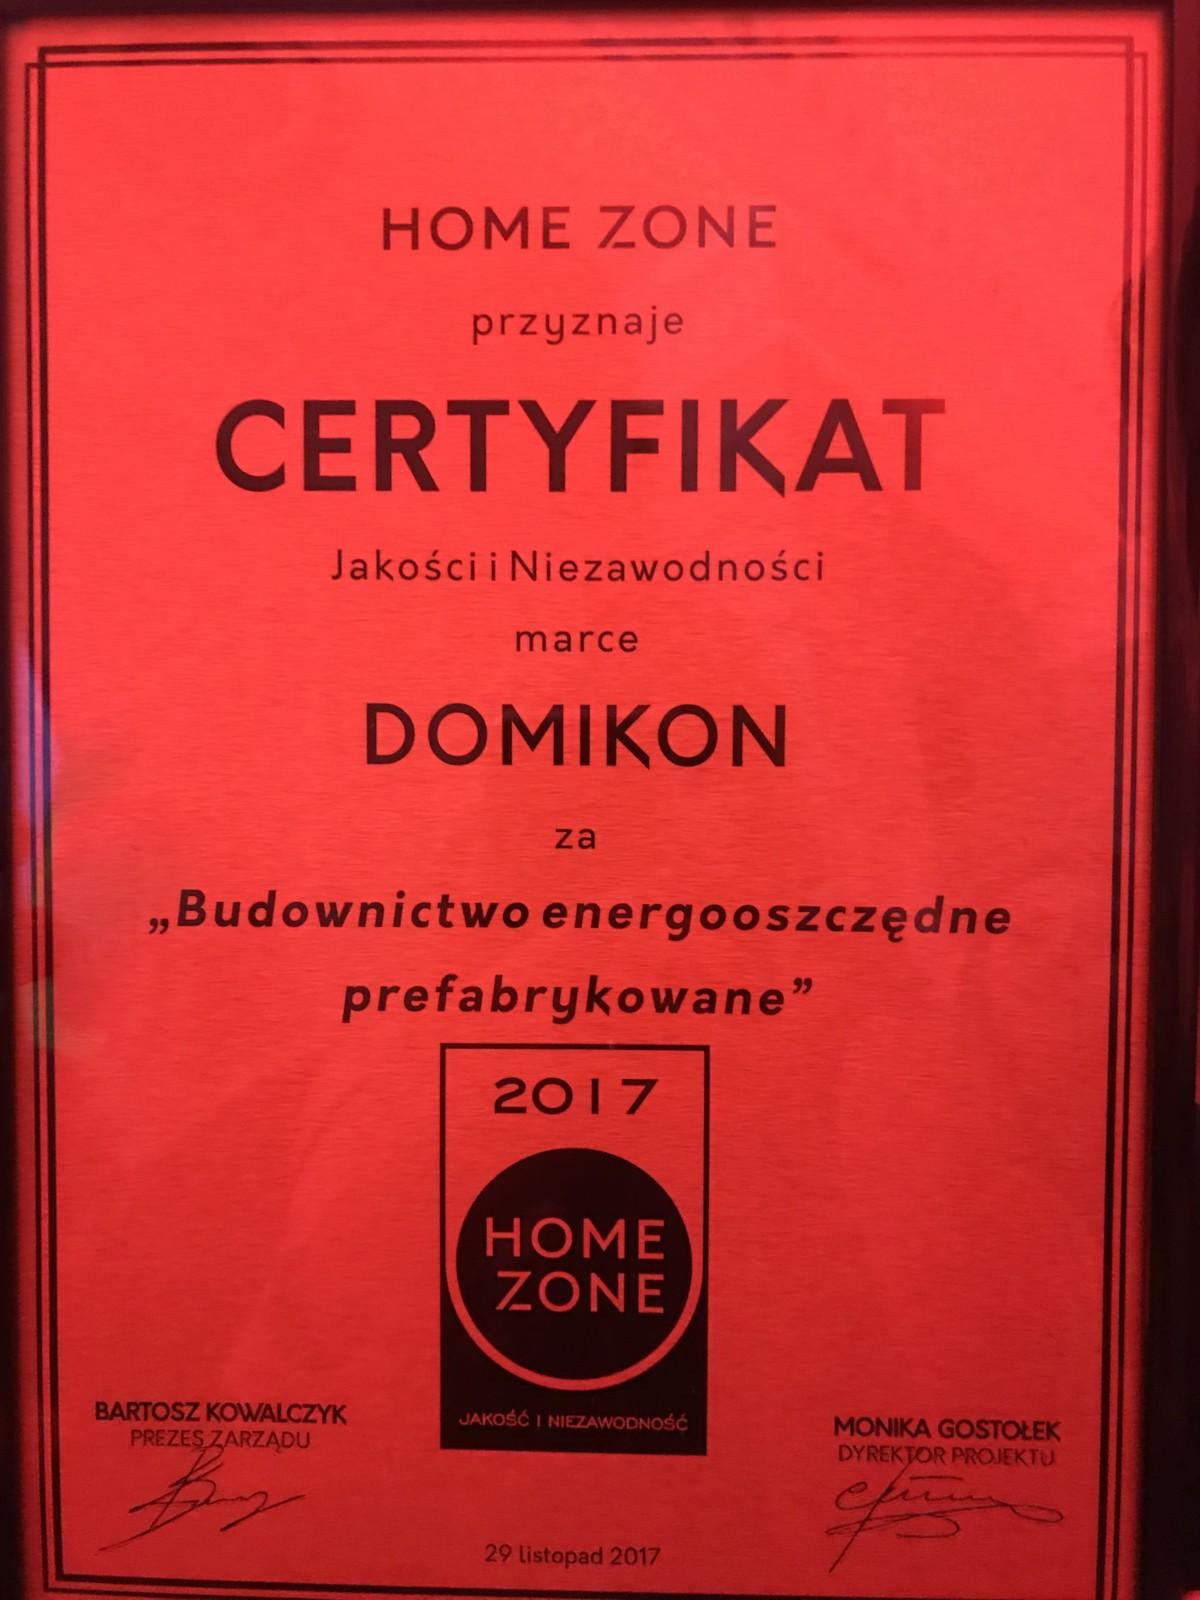 Domikon - Domikon Laureatem HomeZone Jakość i Niezawodność